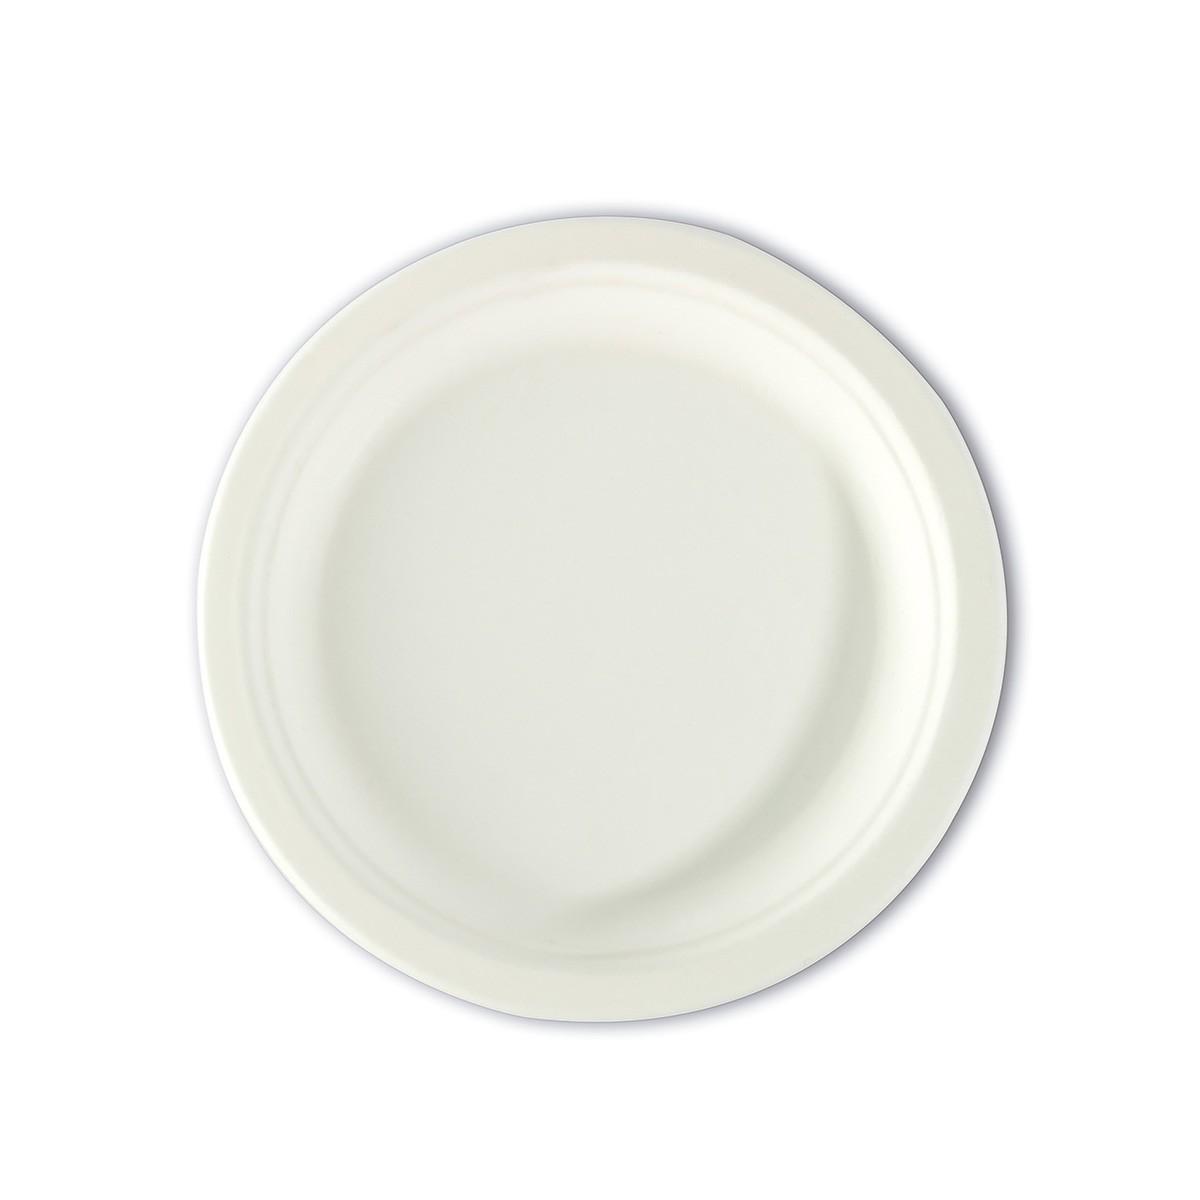 Biodegradable Moulded-Fibre Plate ⌀7in | 50pcsx20pkts